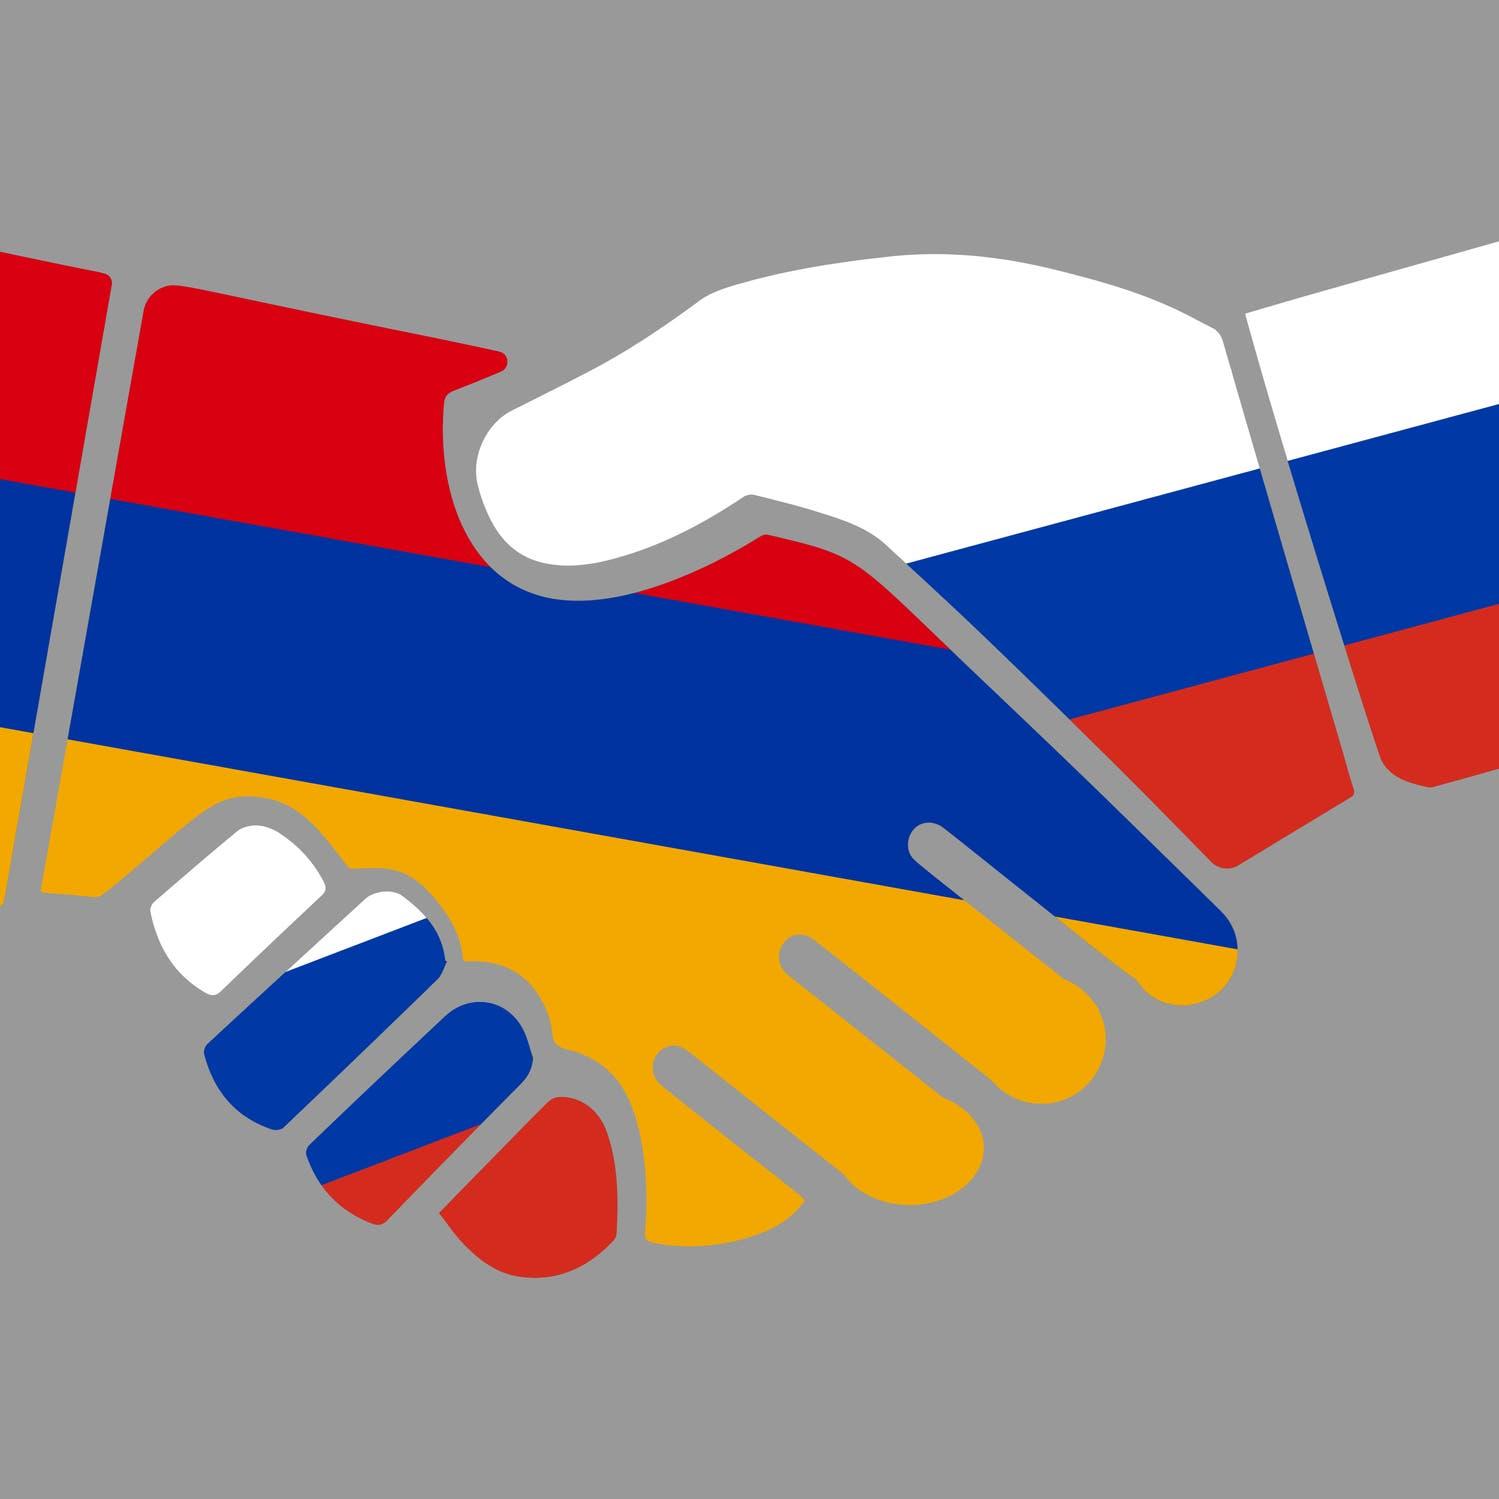 أرمينيا: روسيا ستتدخل عسكريا لضمان أمننا